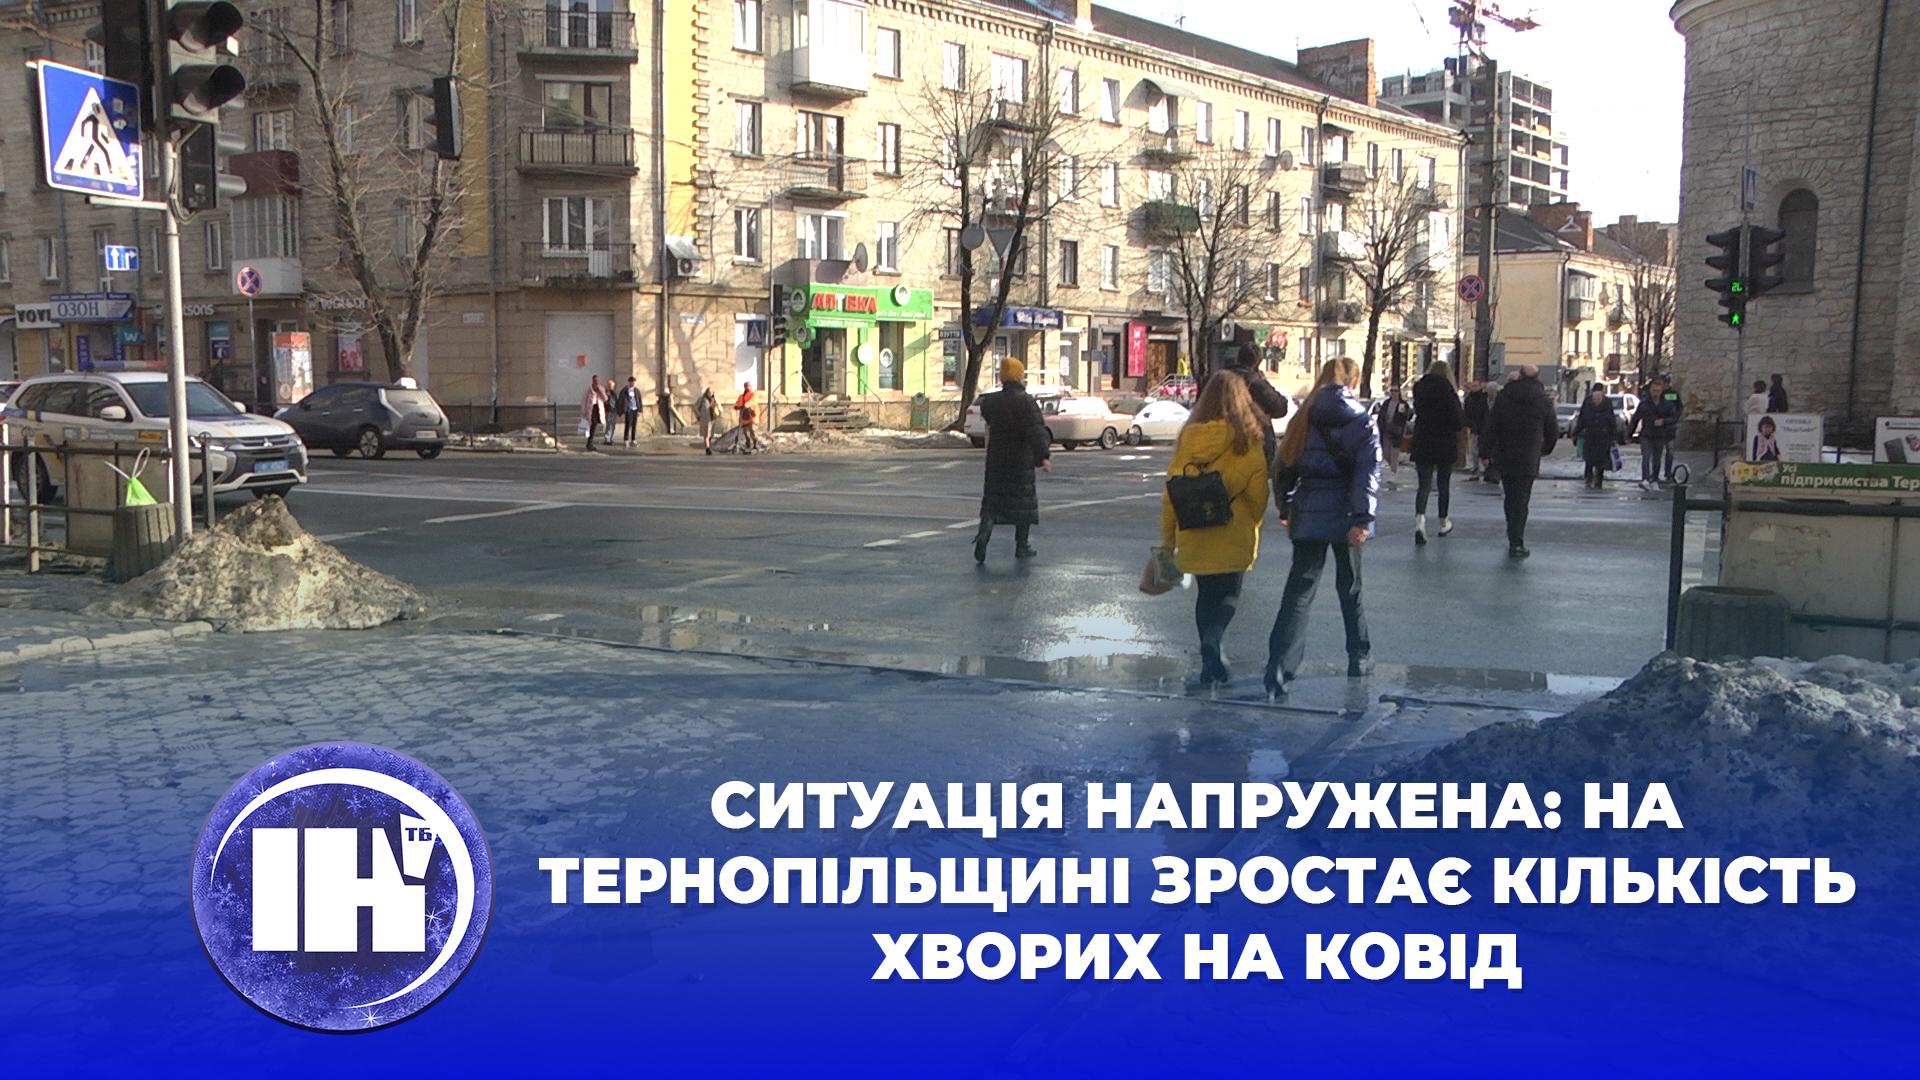 Ситуація напружена: на Тернопільщині зростає кількість хворих на ковід